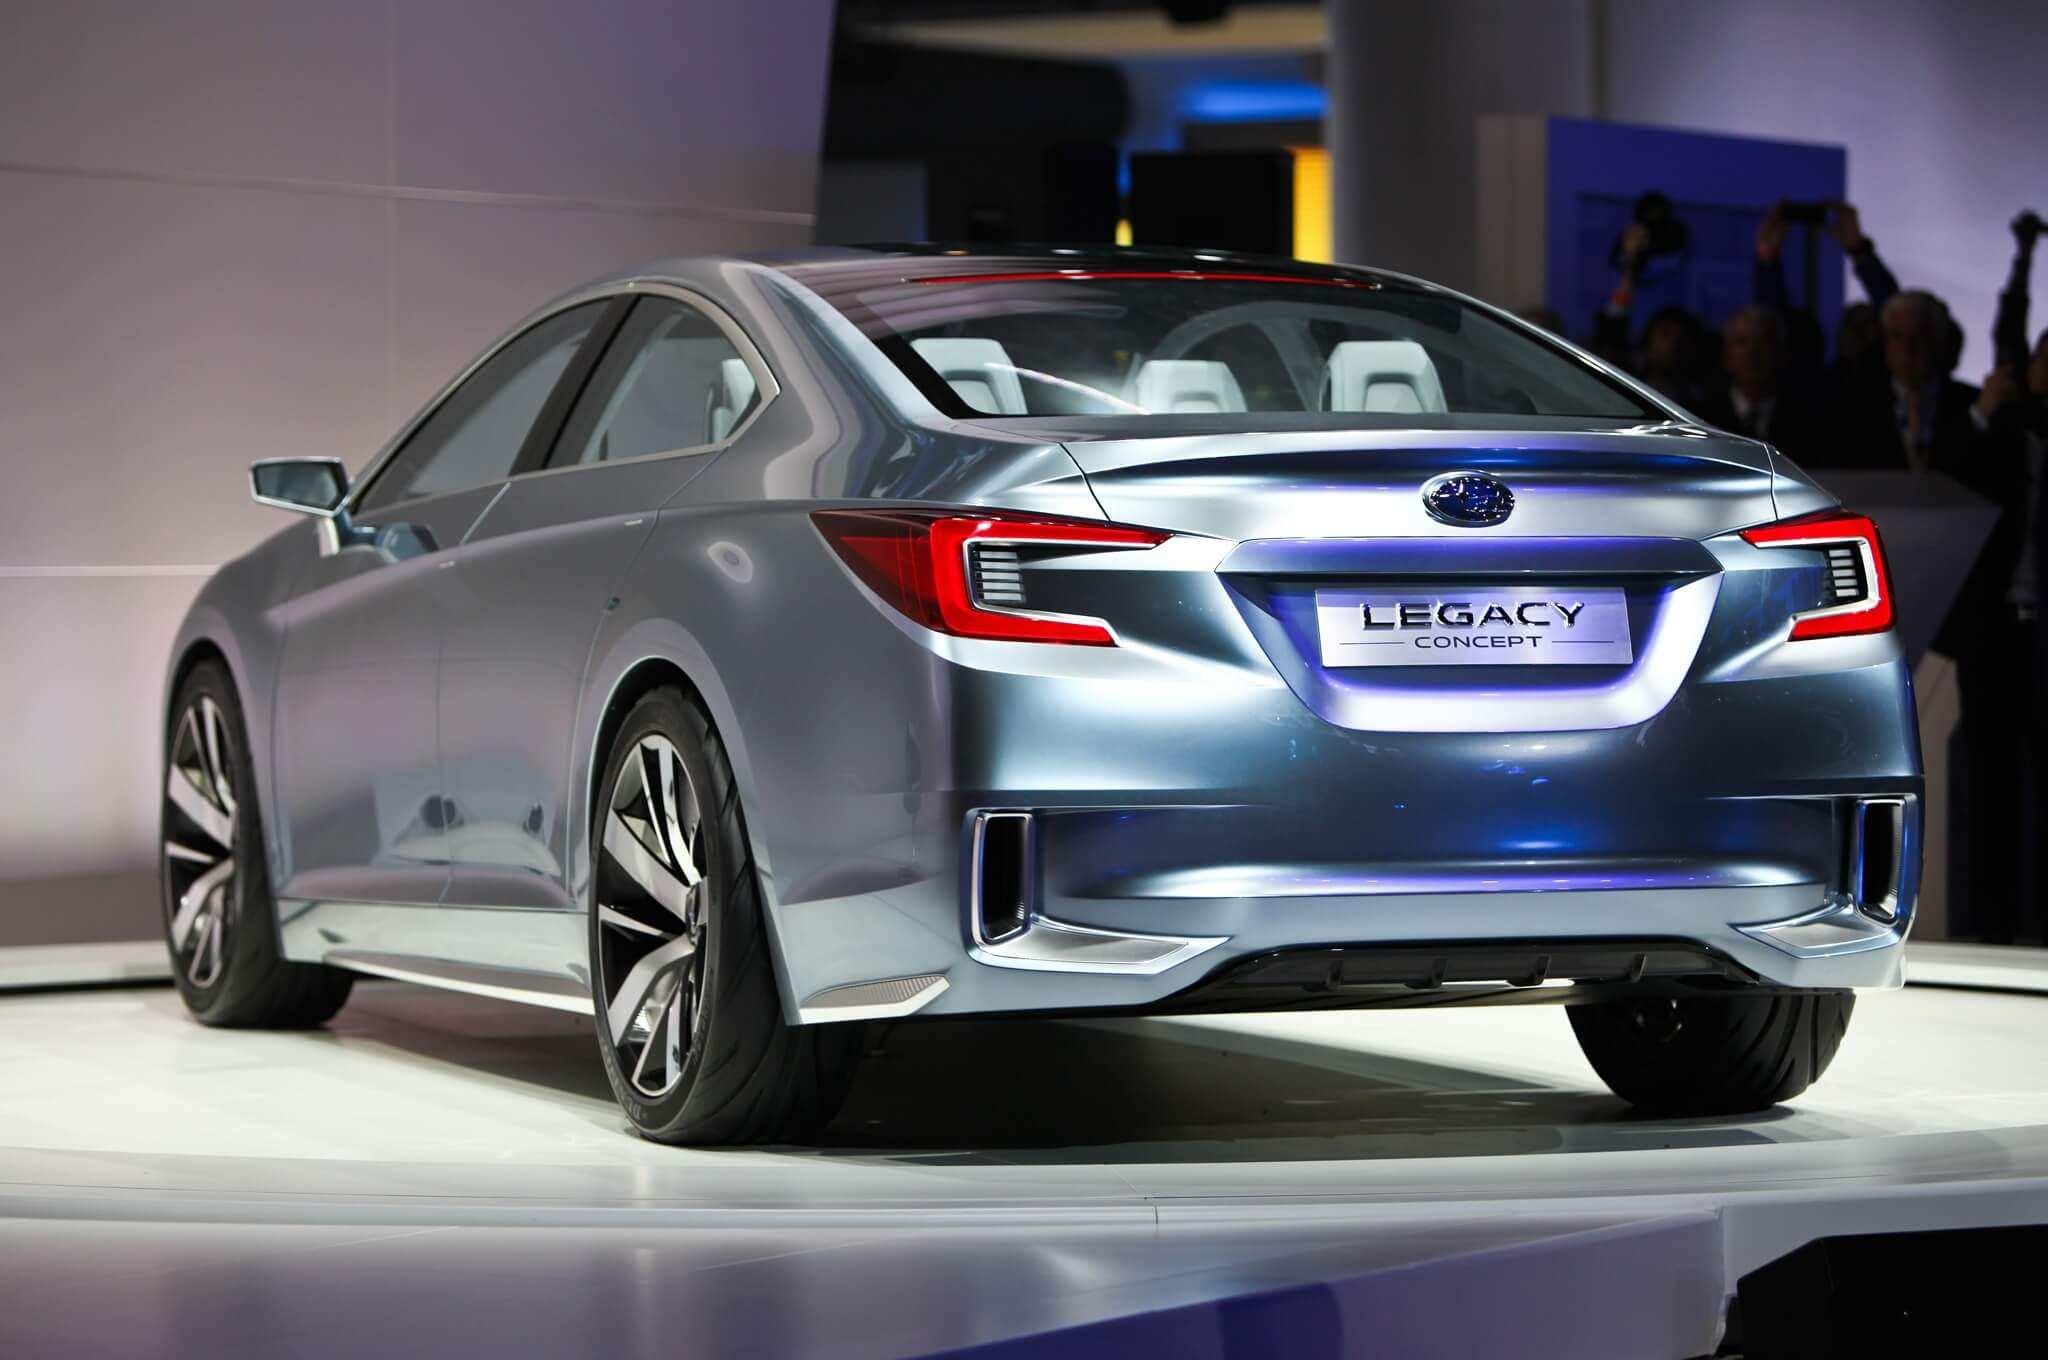 68 Great 2020 Subaru Models Images by 2020 Subaru Models